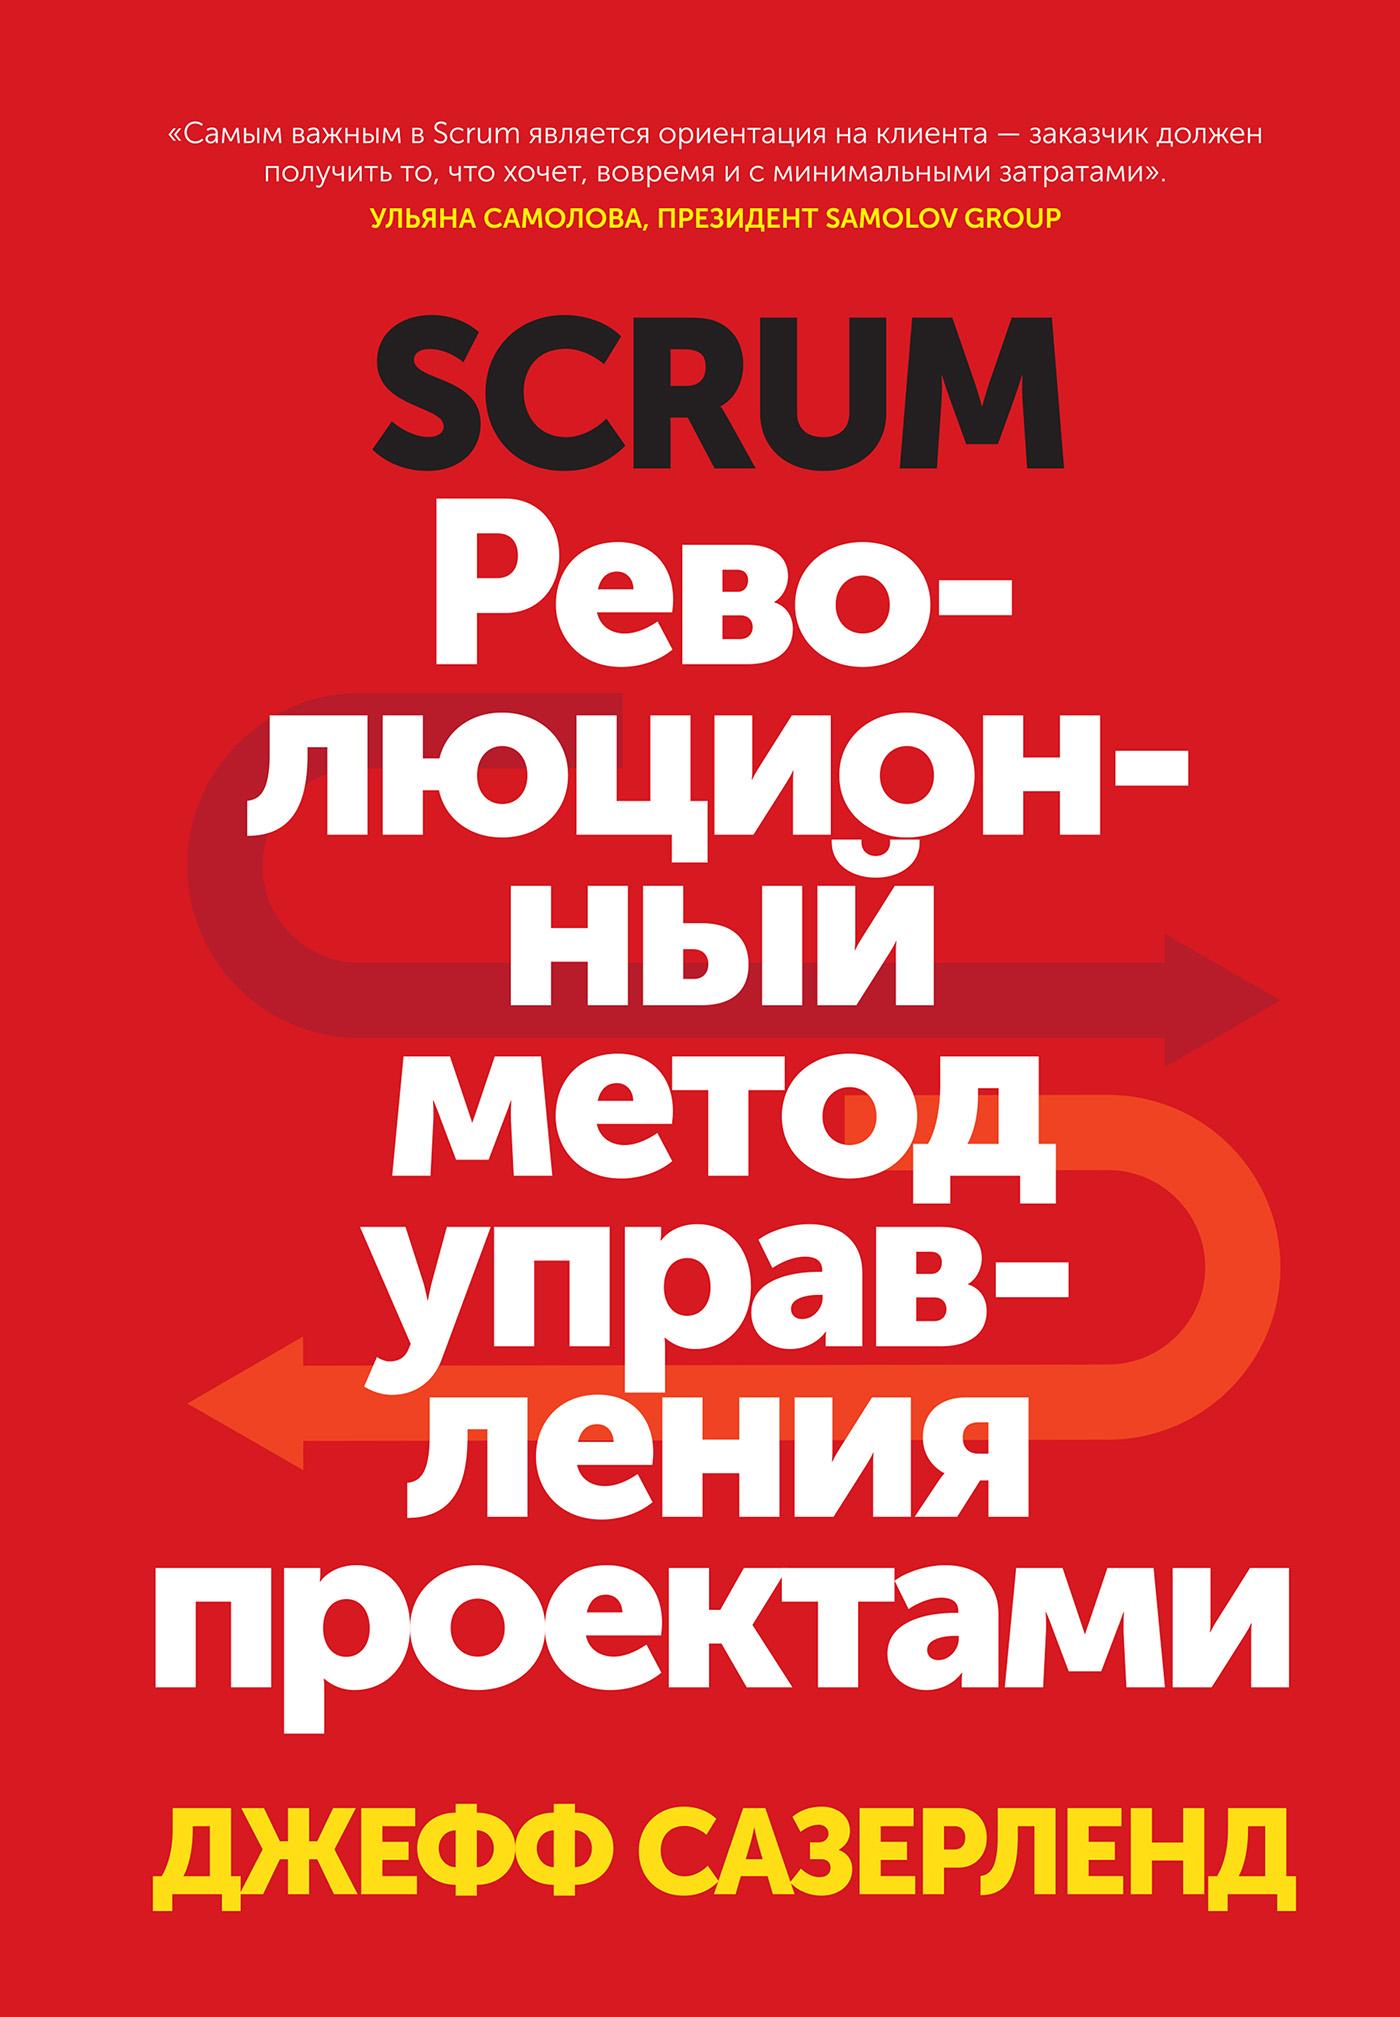 Джефф Сазерленд Scrum